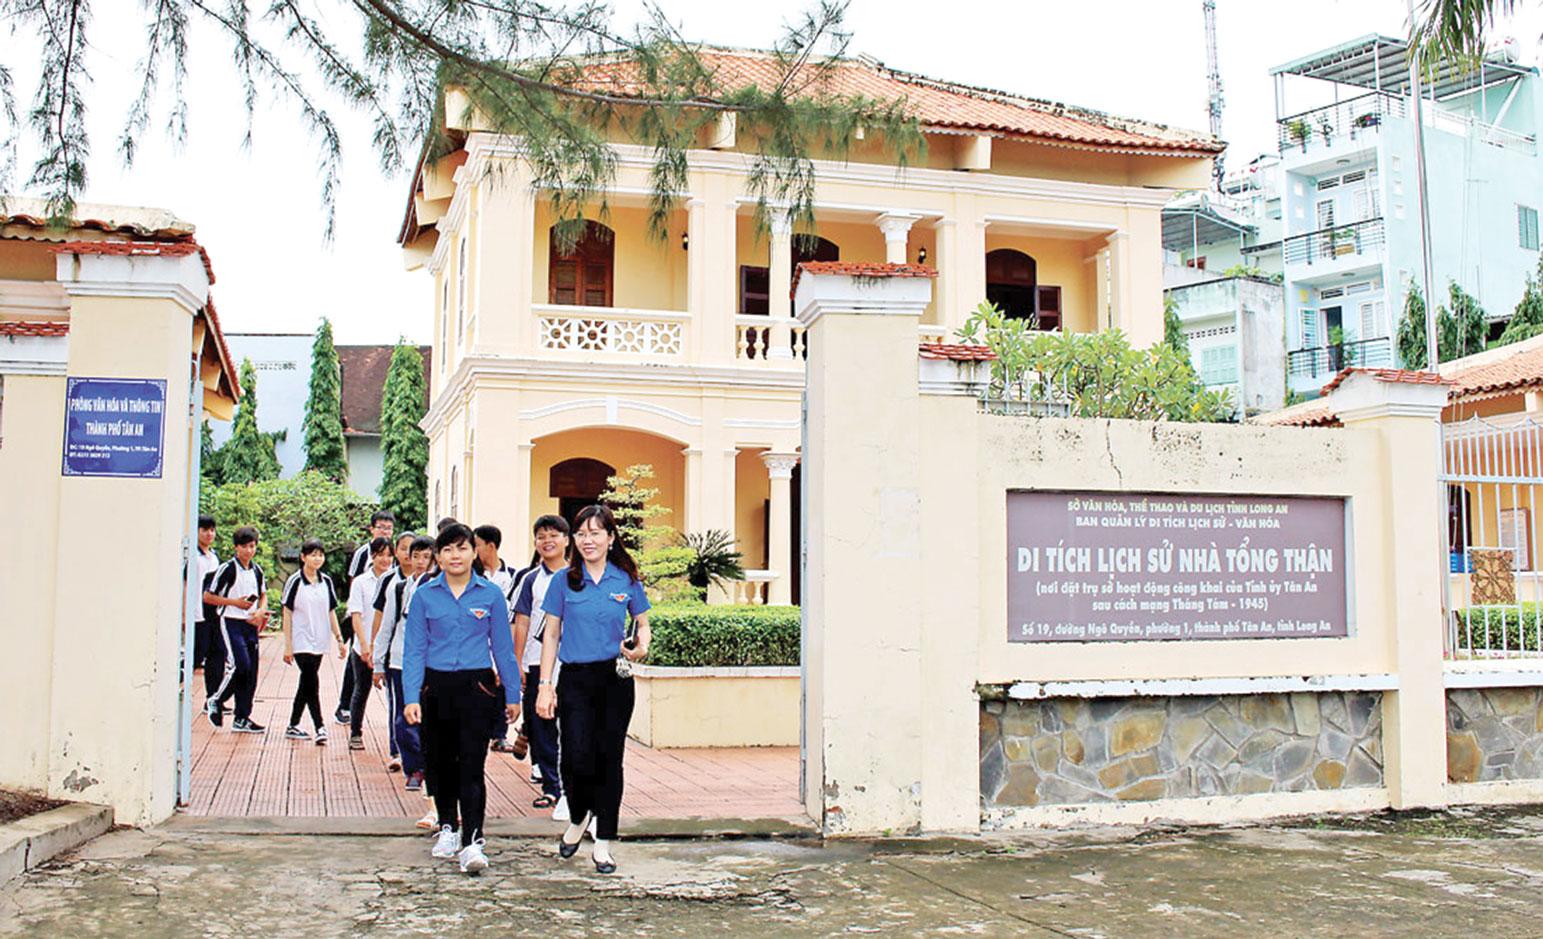 Di tích  Nhà Tổng Thận (số 19, đường Ngô Quyền, phường 1, TP.Tân An) gắn liền với sự kiện lịch sử Tân An đi đầu trong cuộc tổng khởi nghĩa tháng 8  ở Nam bộ